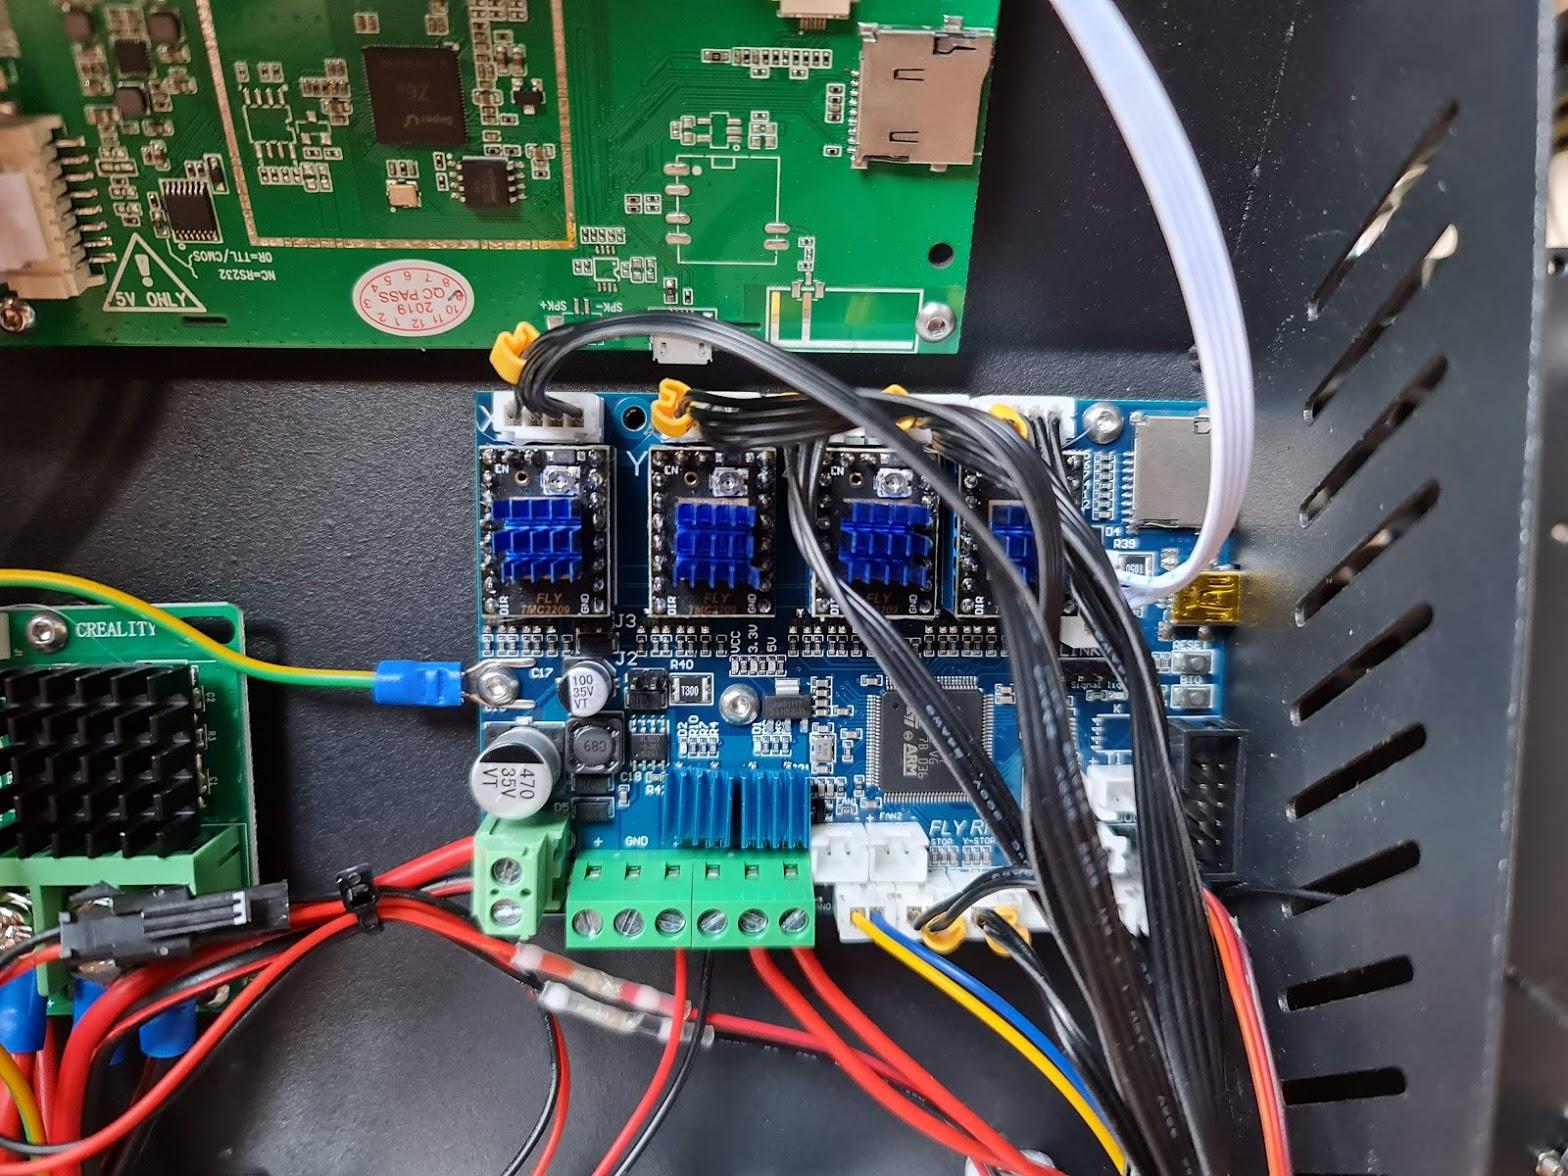 FLY-RRF-E3-installed-on-Ender-5-Plus